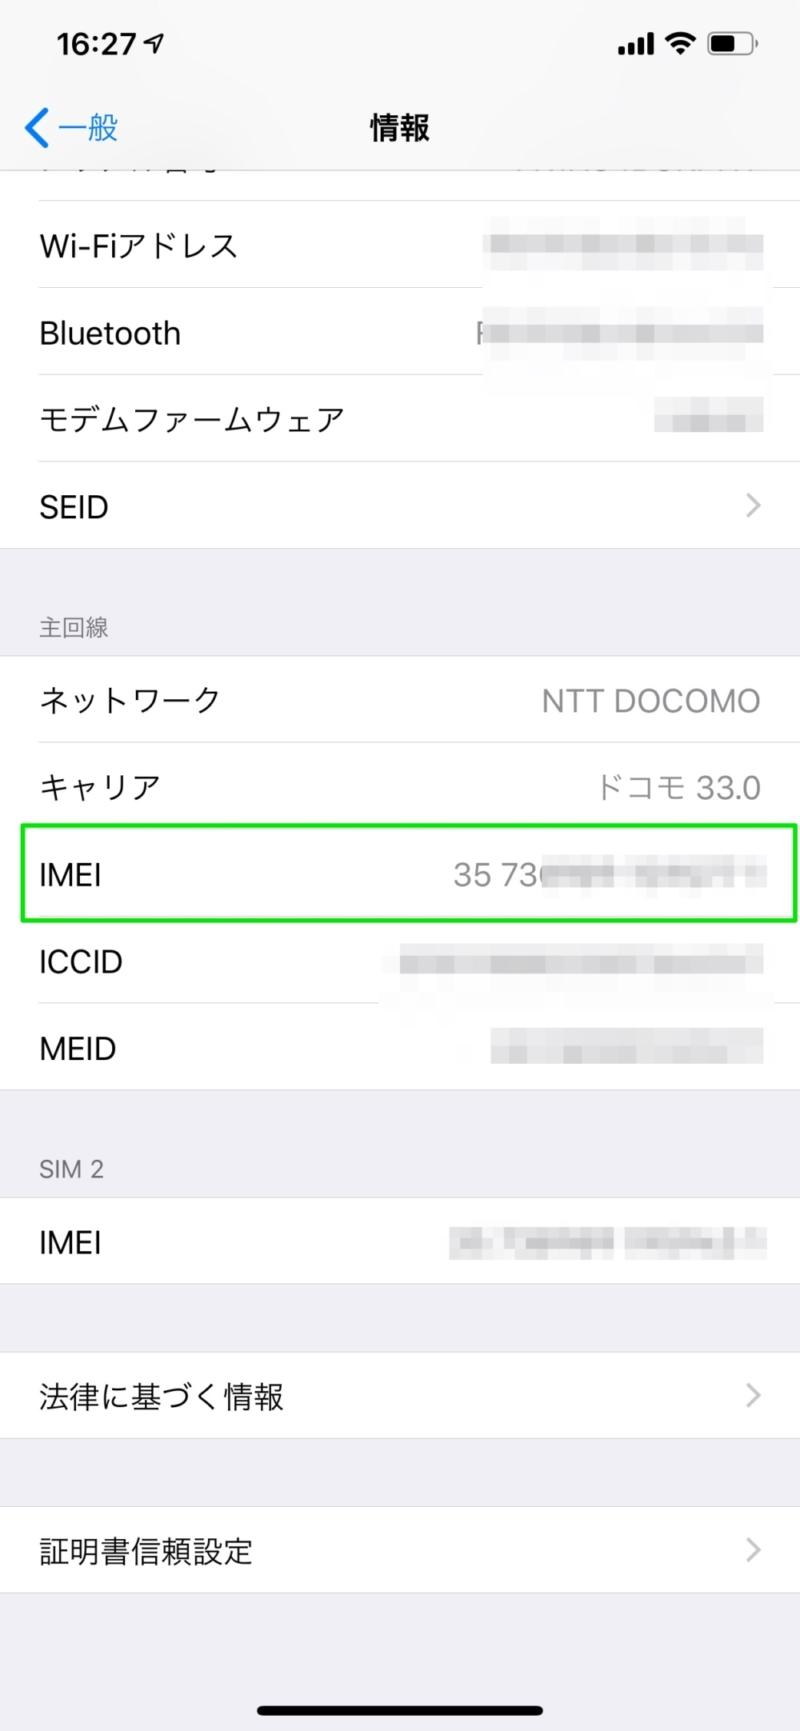 設定→一般→情報からIMEIは調べられる